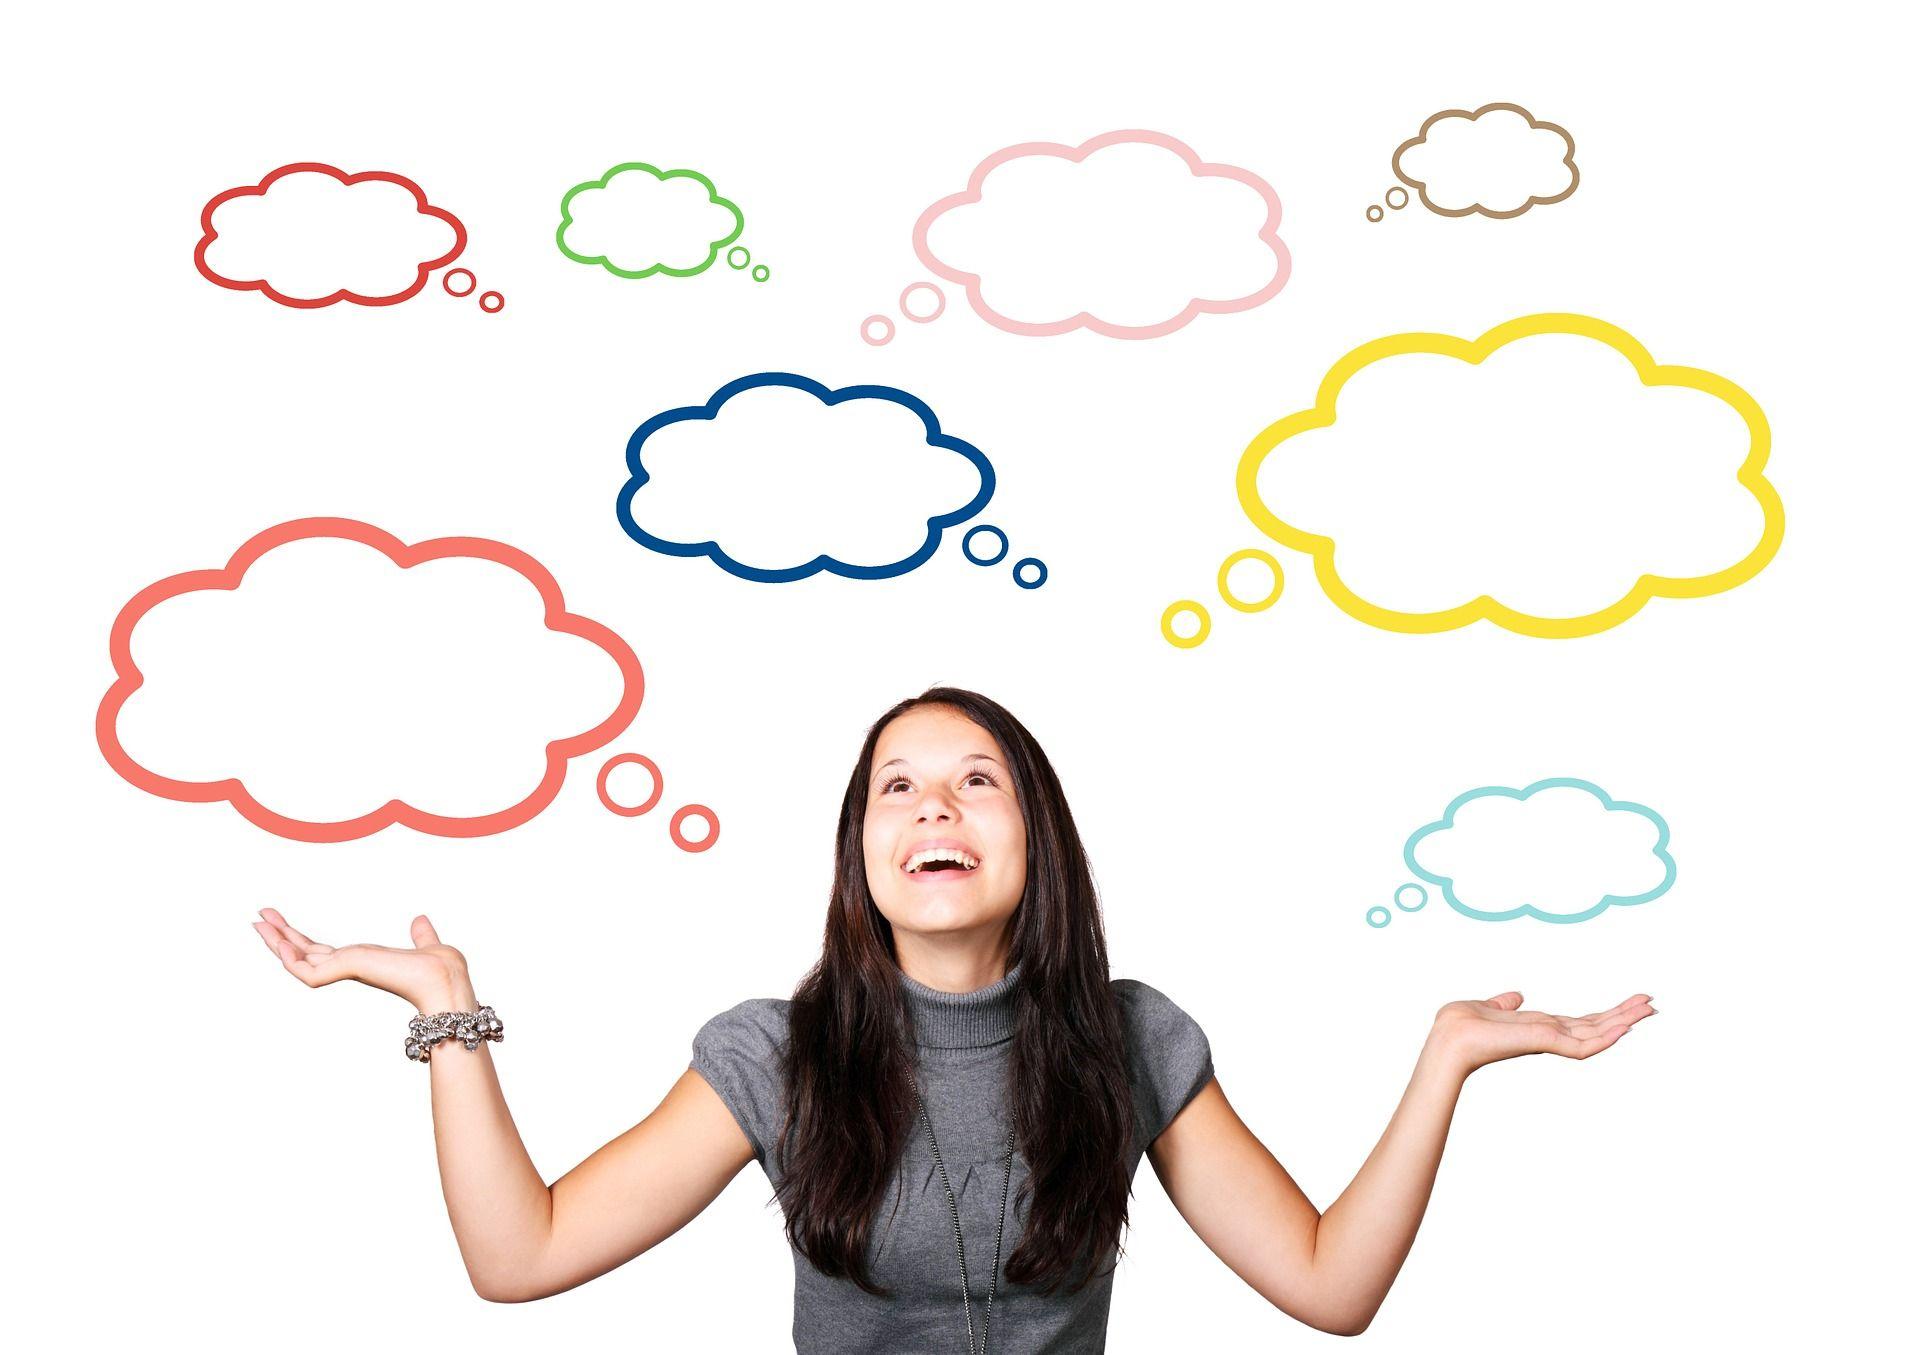 Buonomano: Poczucie czasu ma kluczowe znacznie dla zrozumienia ludzkiego umysłu